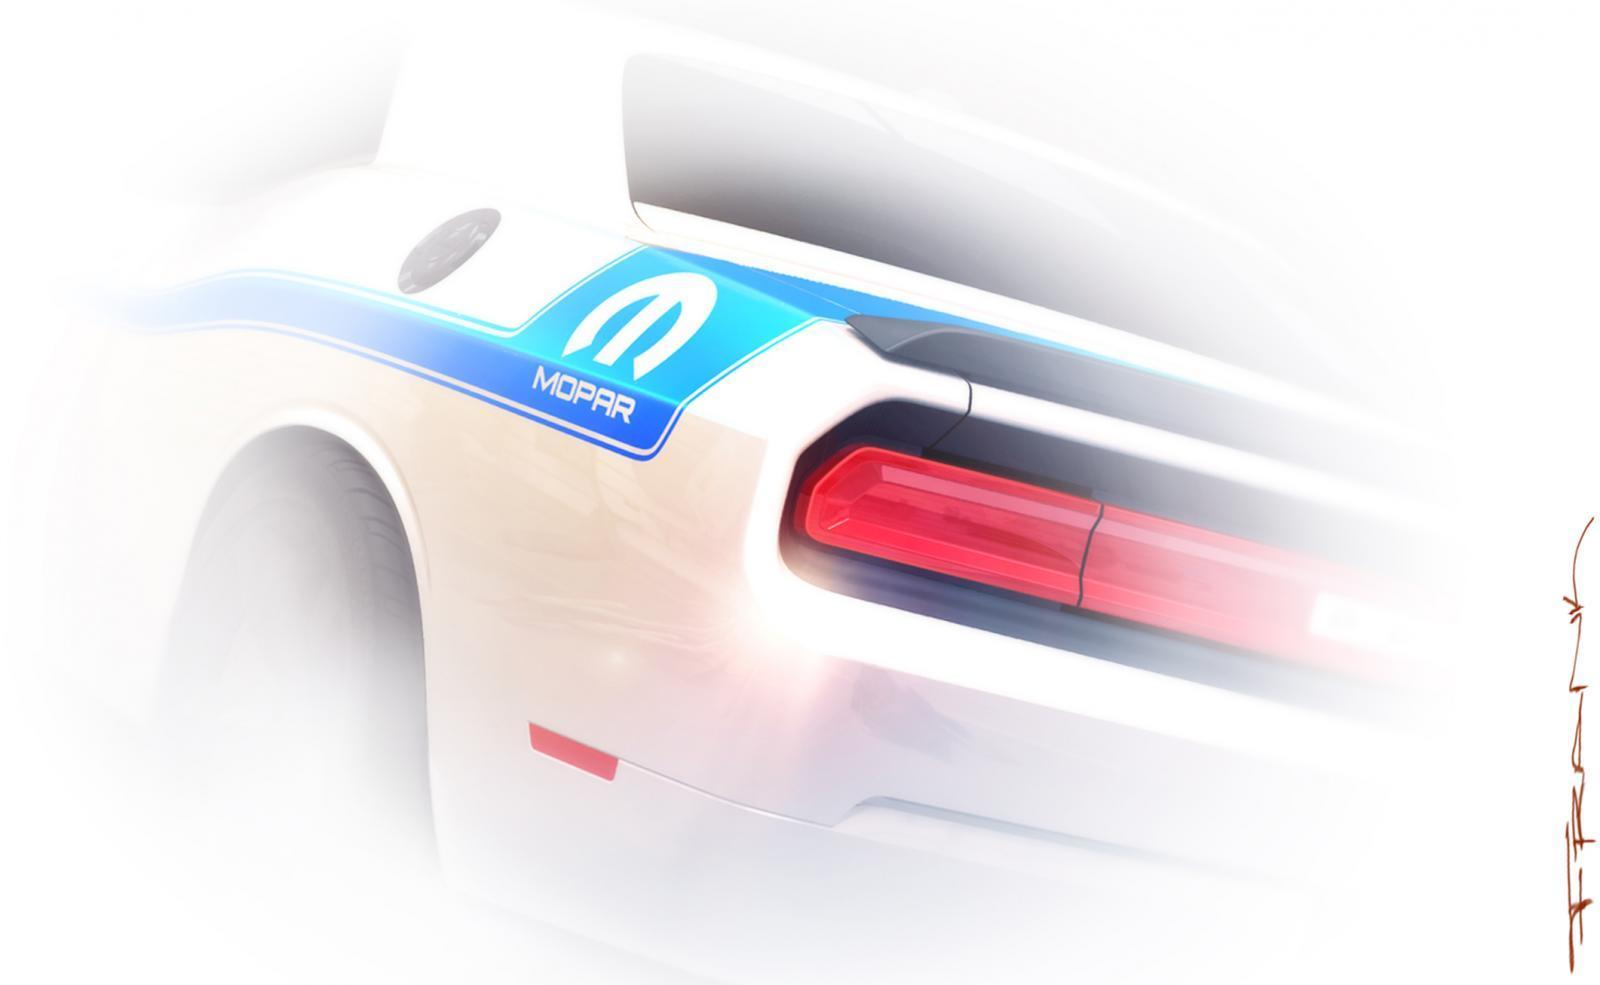 Dodge Challenger Mopar Edition - Teaser - Dodge Challenger Mopar Edition - Teaser